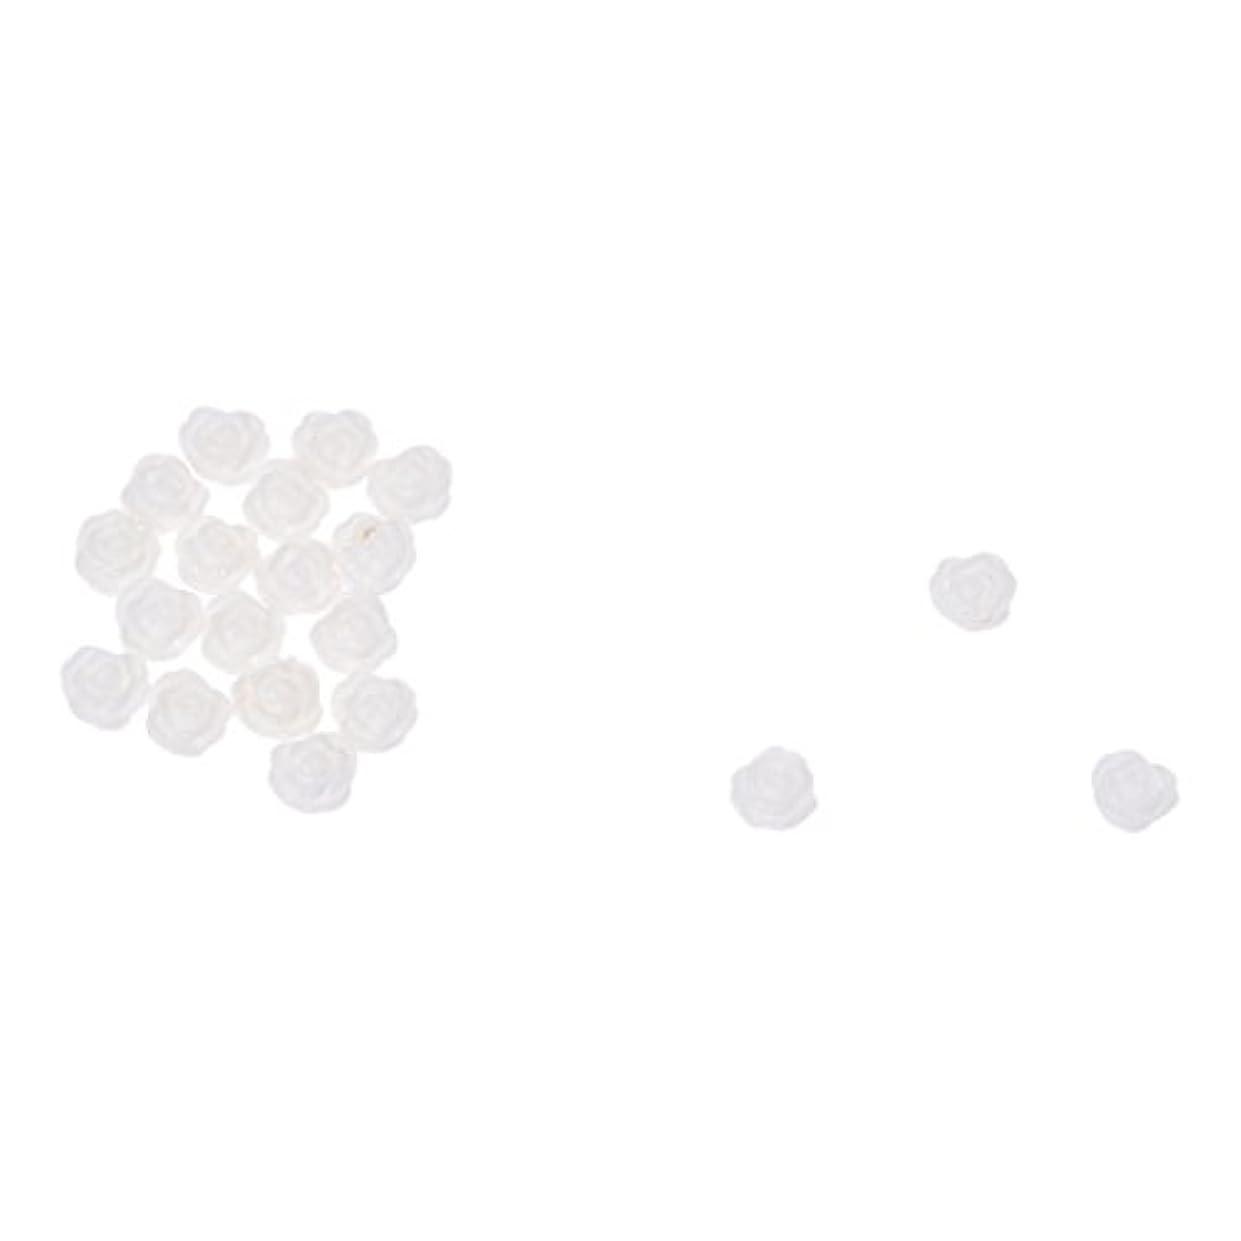 影農場楽しむACAMPTAR ACAMPTAR(R)20×アクリル 3D 白い花 スライスネイルアートヒント UVジェル DIYデコレーション